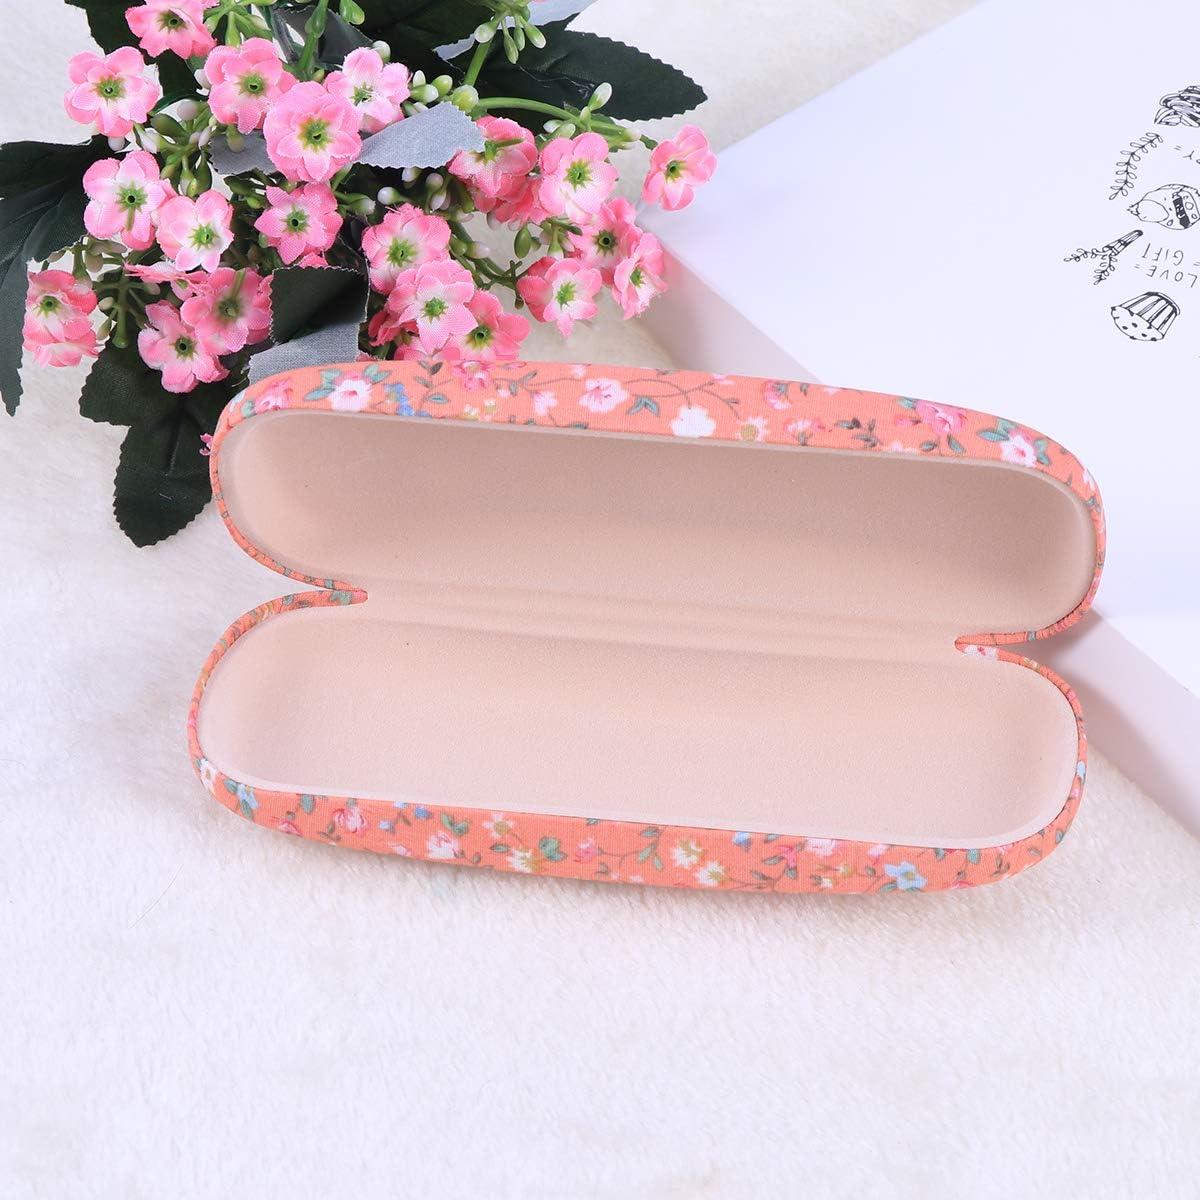 Healifty Sonnenbrille Box Portable mit Blumenmuster Sonnenbrille harte Brillen Fall Eyewear Protector Box Tasche Pink